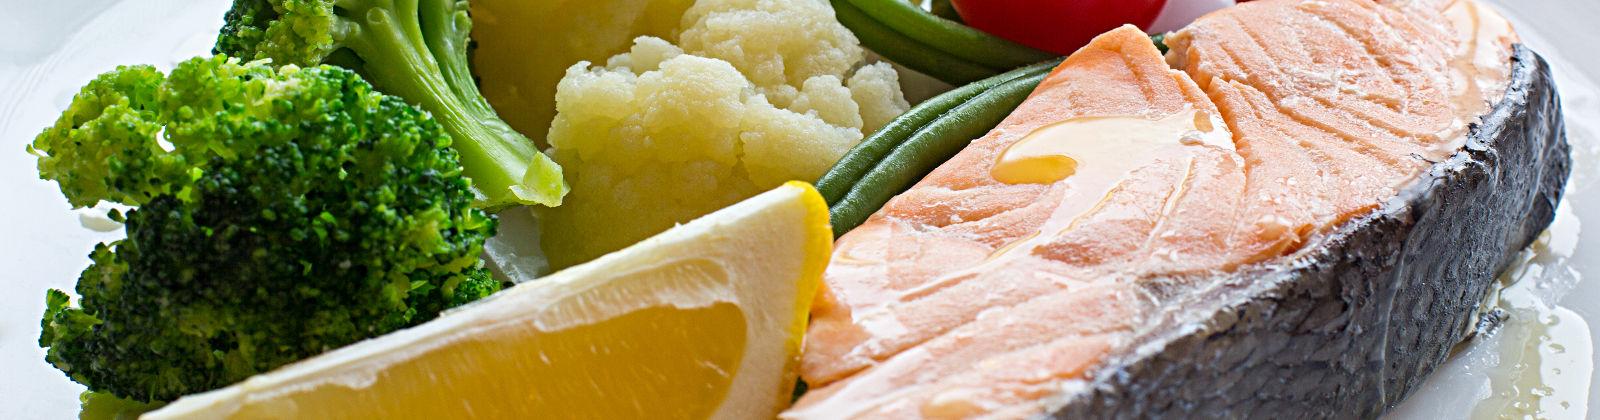 le saumon poche